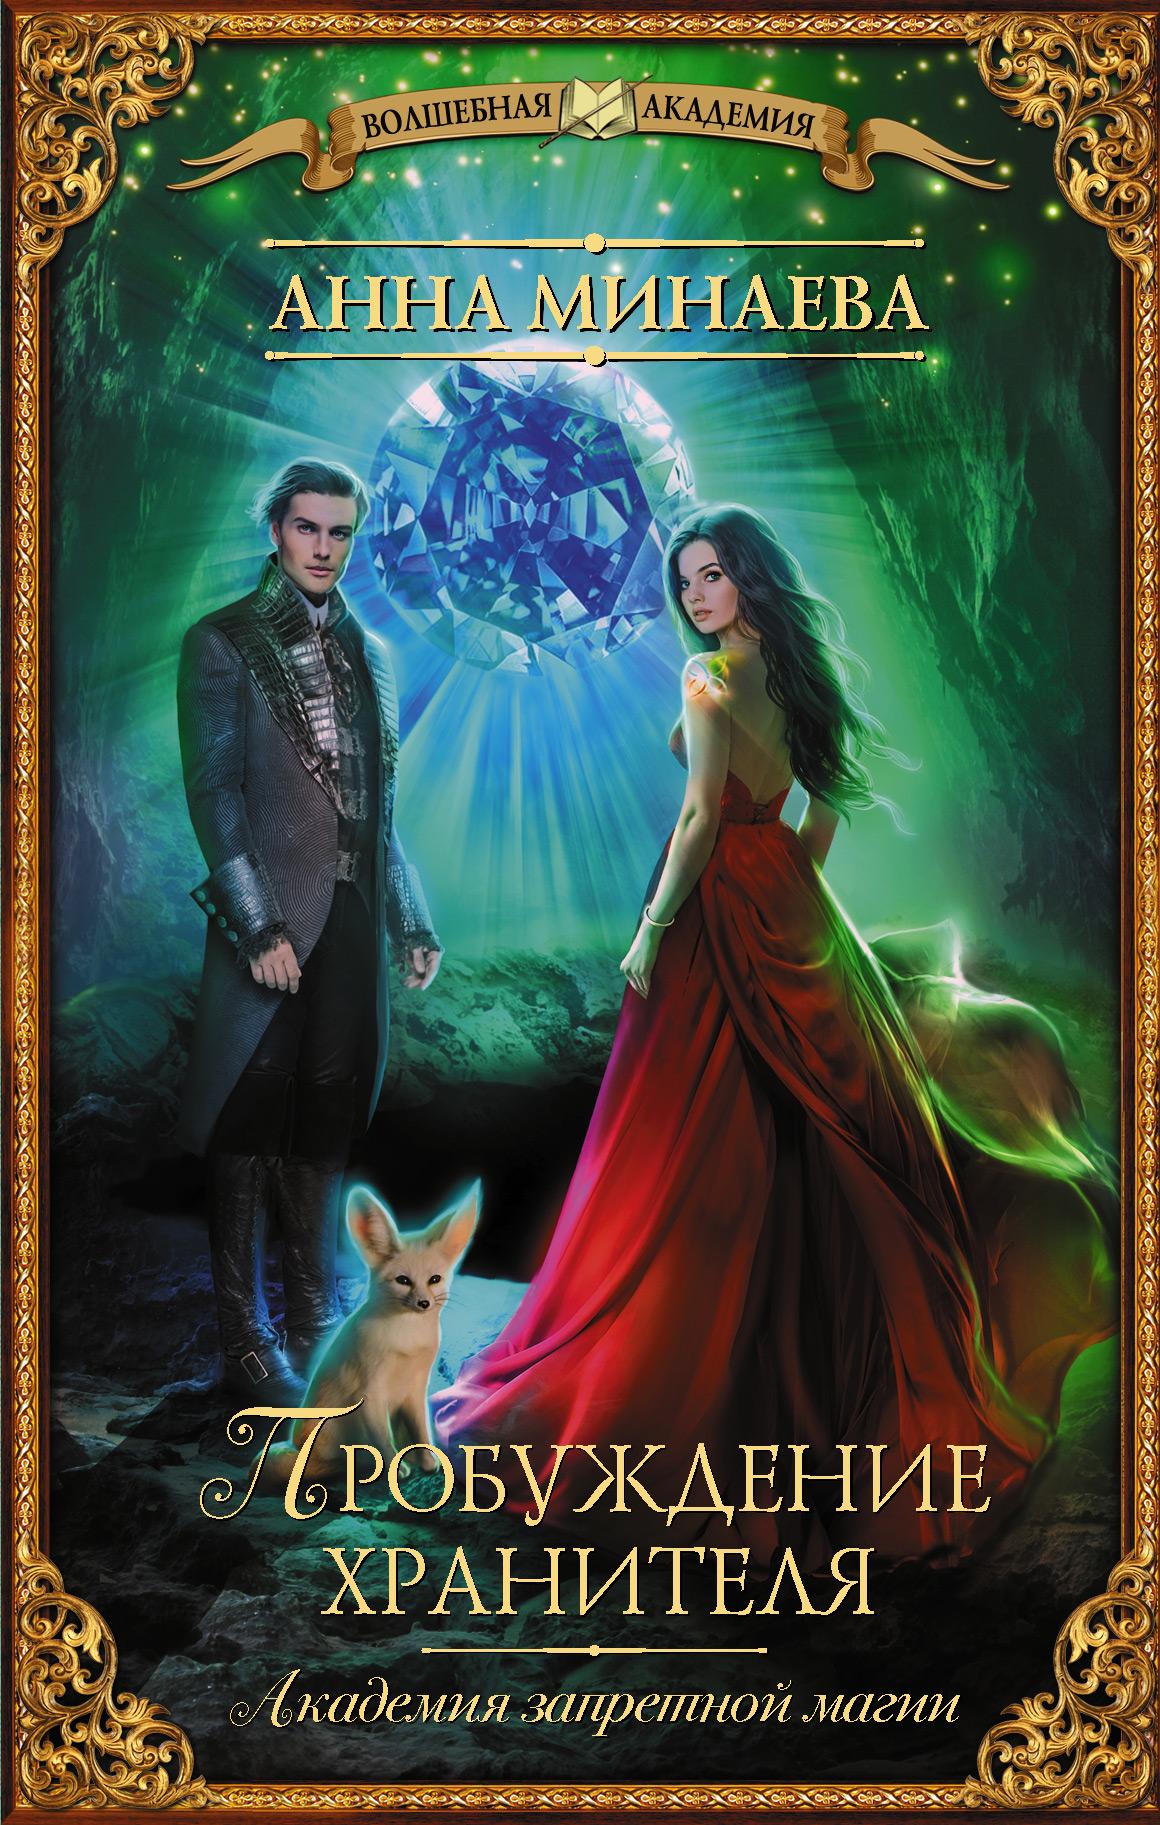 Читать онлайн бесплатно и без регистрации книги про школы магии элитная школа магии чем дальше тем страшнее